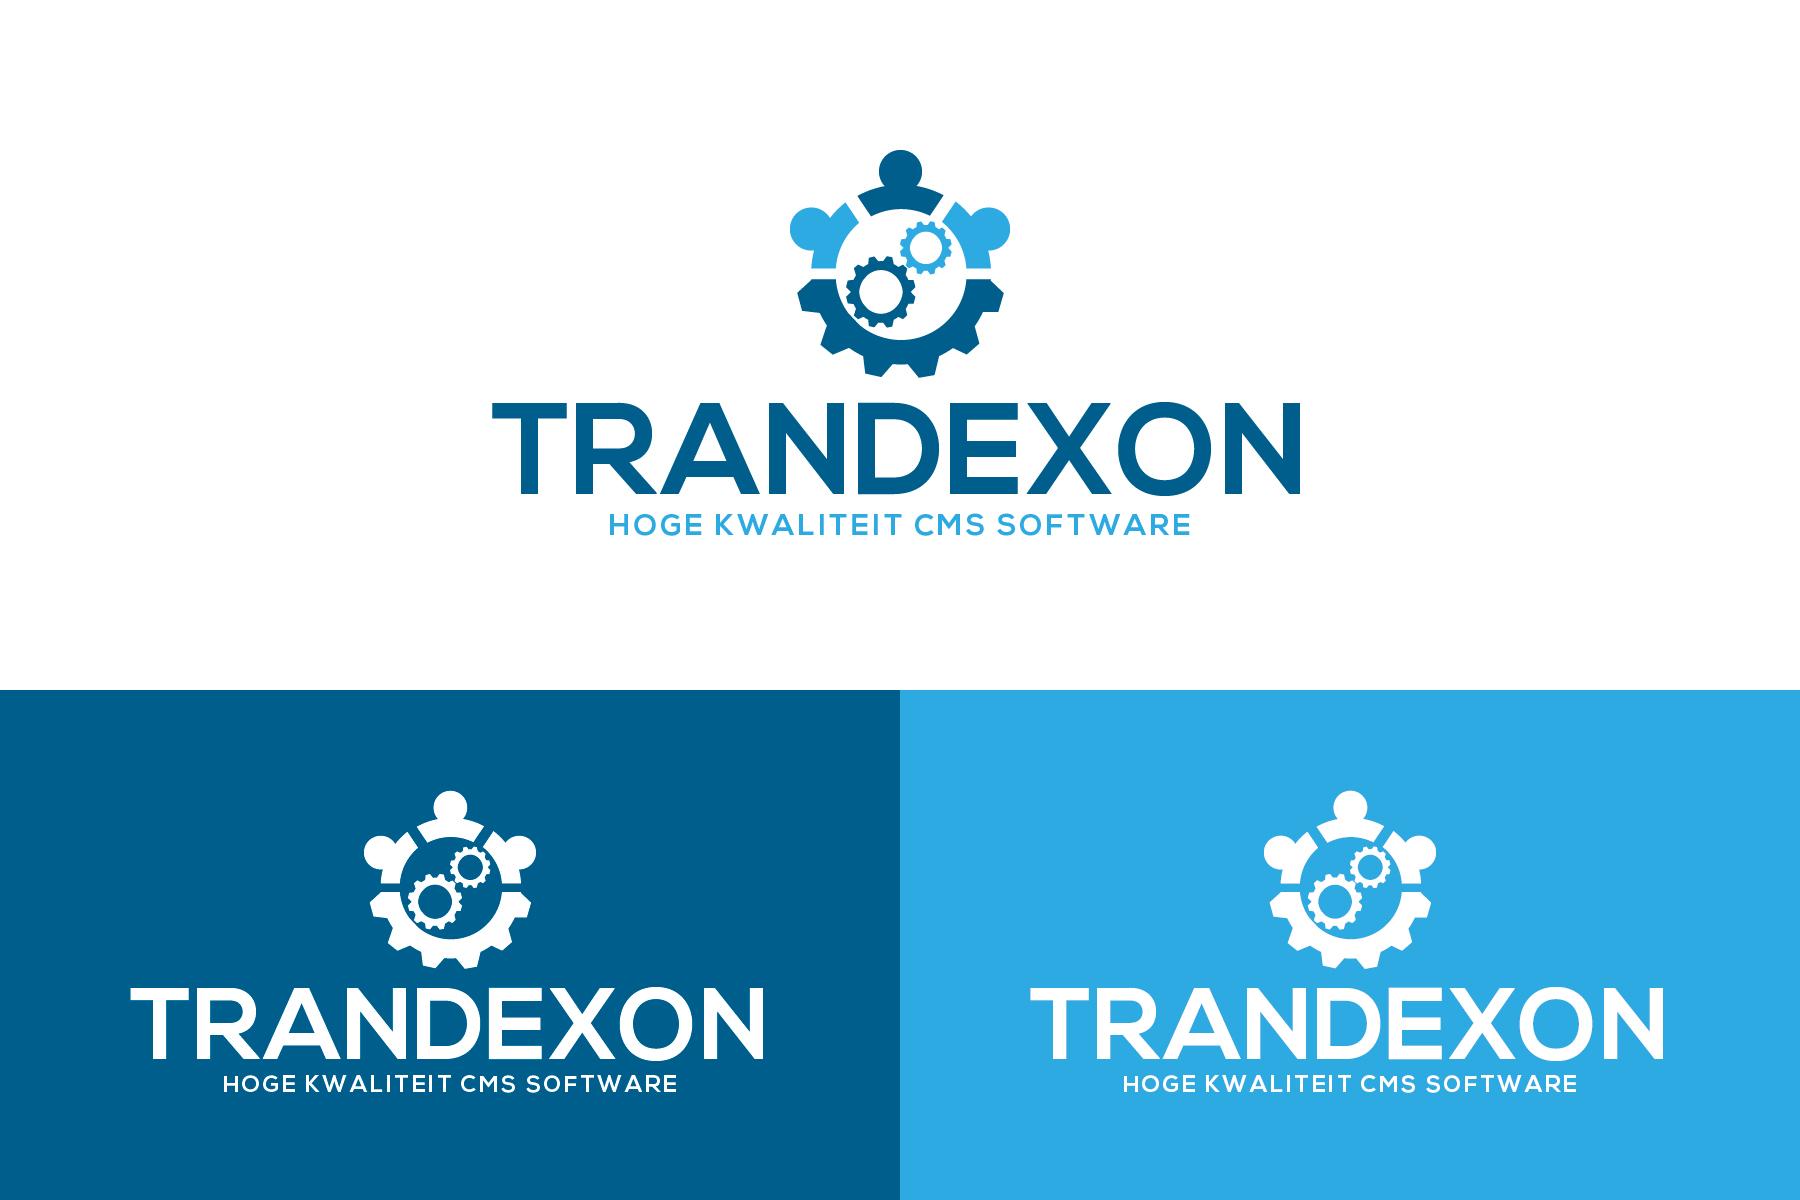 Trandexon02